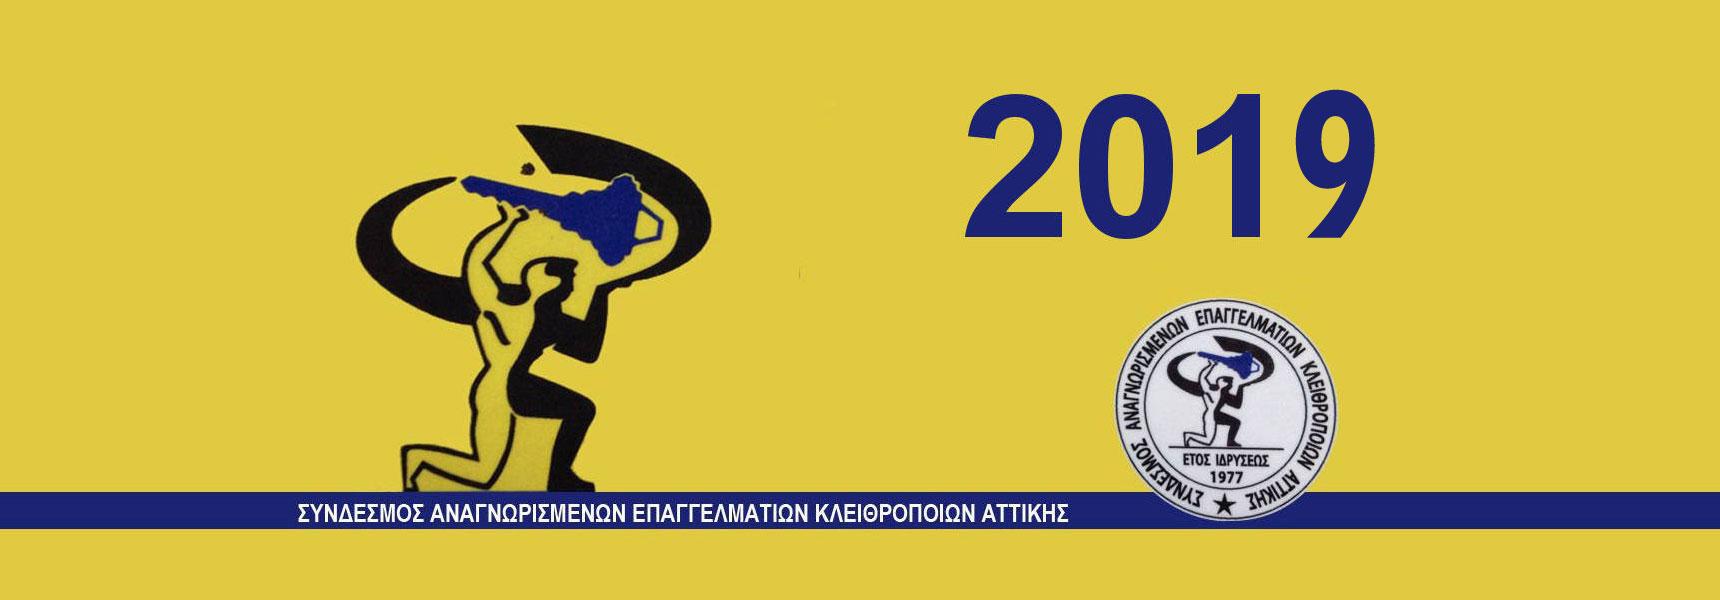 2019 ΣΑΕΚΑ CM SAFE